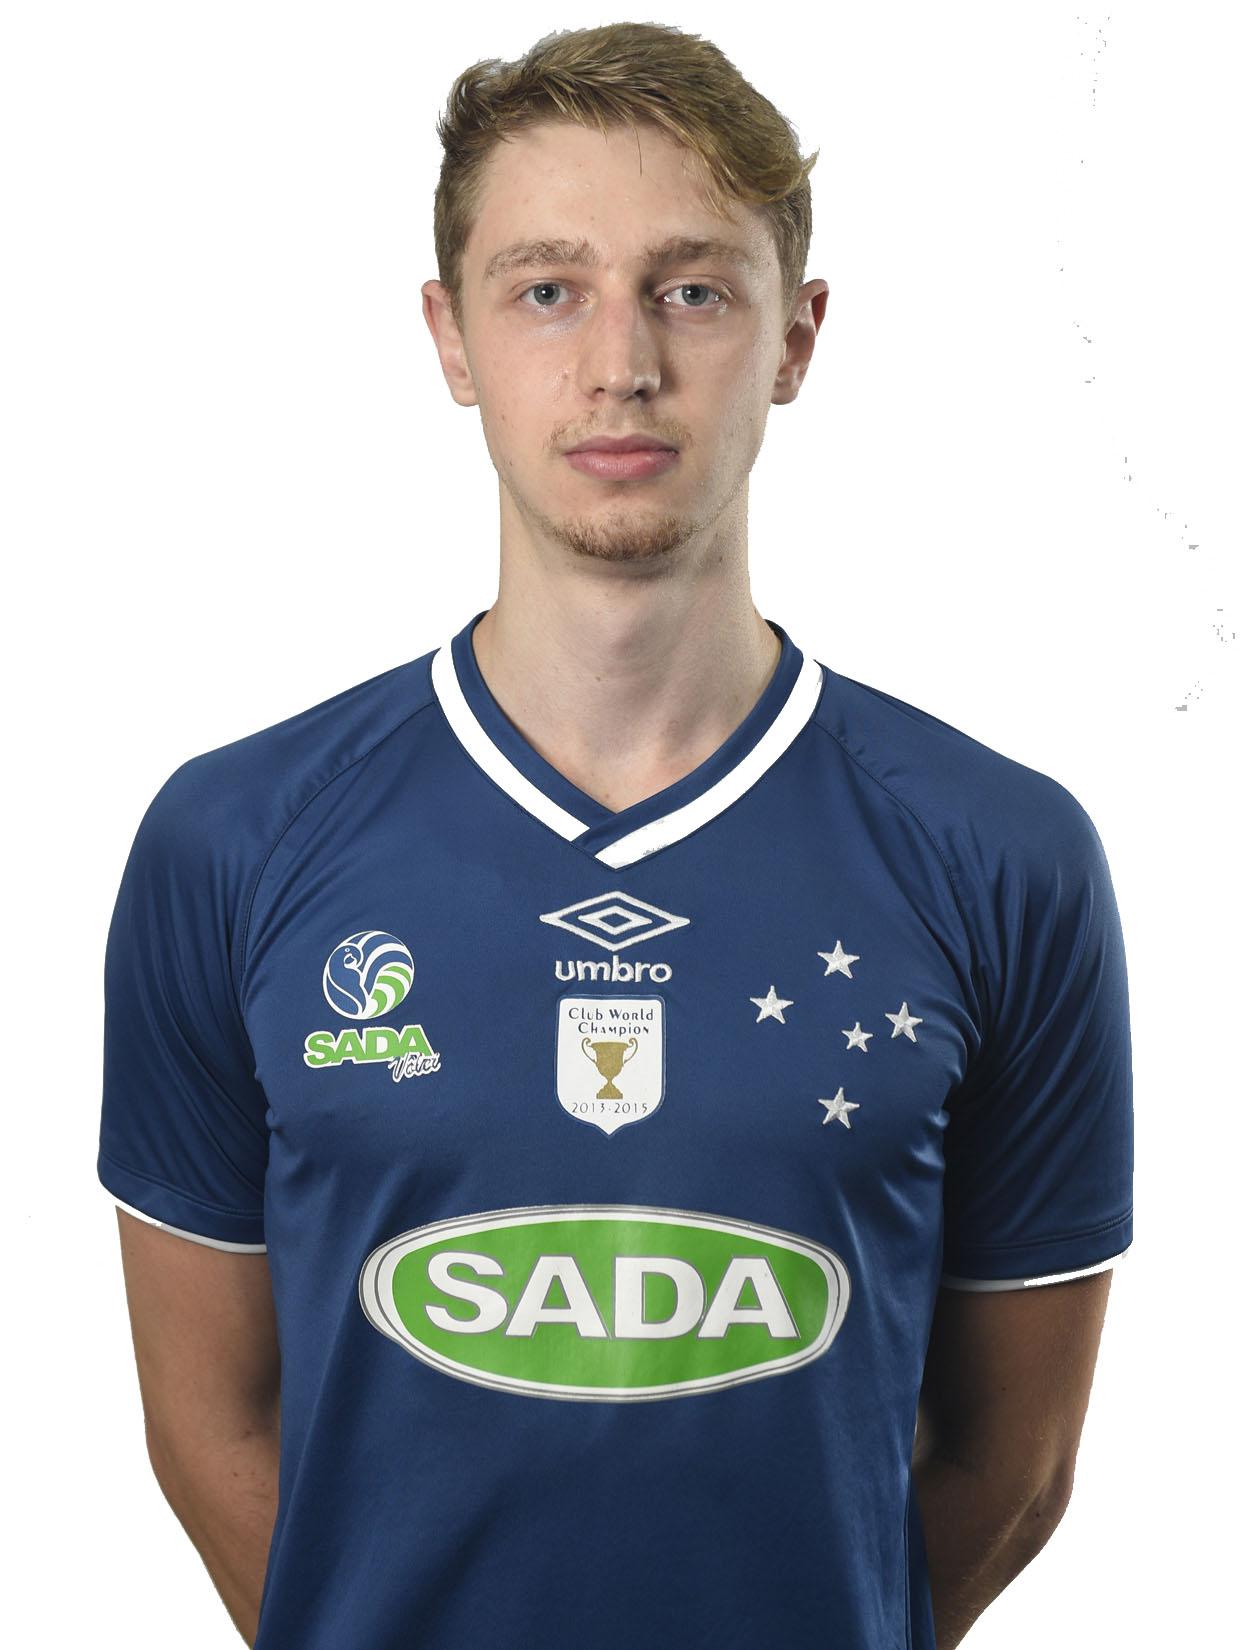 Lucas Bauer